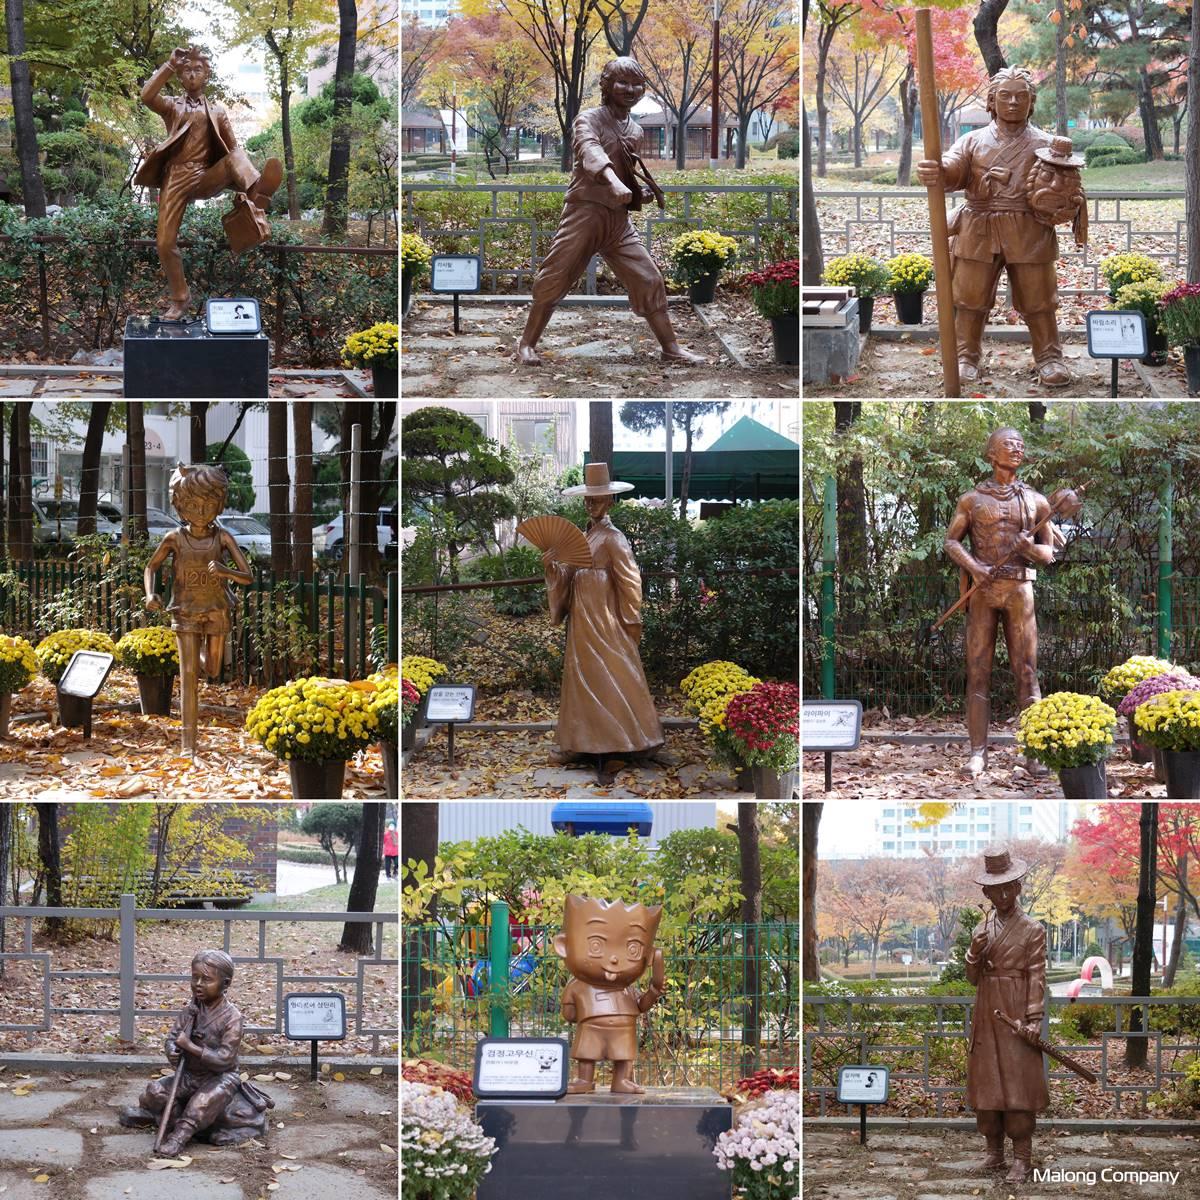 [청동 조형물, 동상 제작] 만화 공포의 외인구단 '까치' 브론즈 조형물 제작 사례